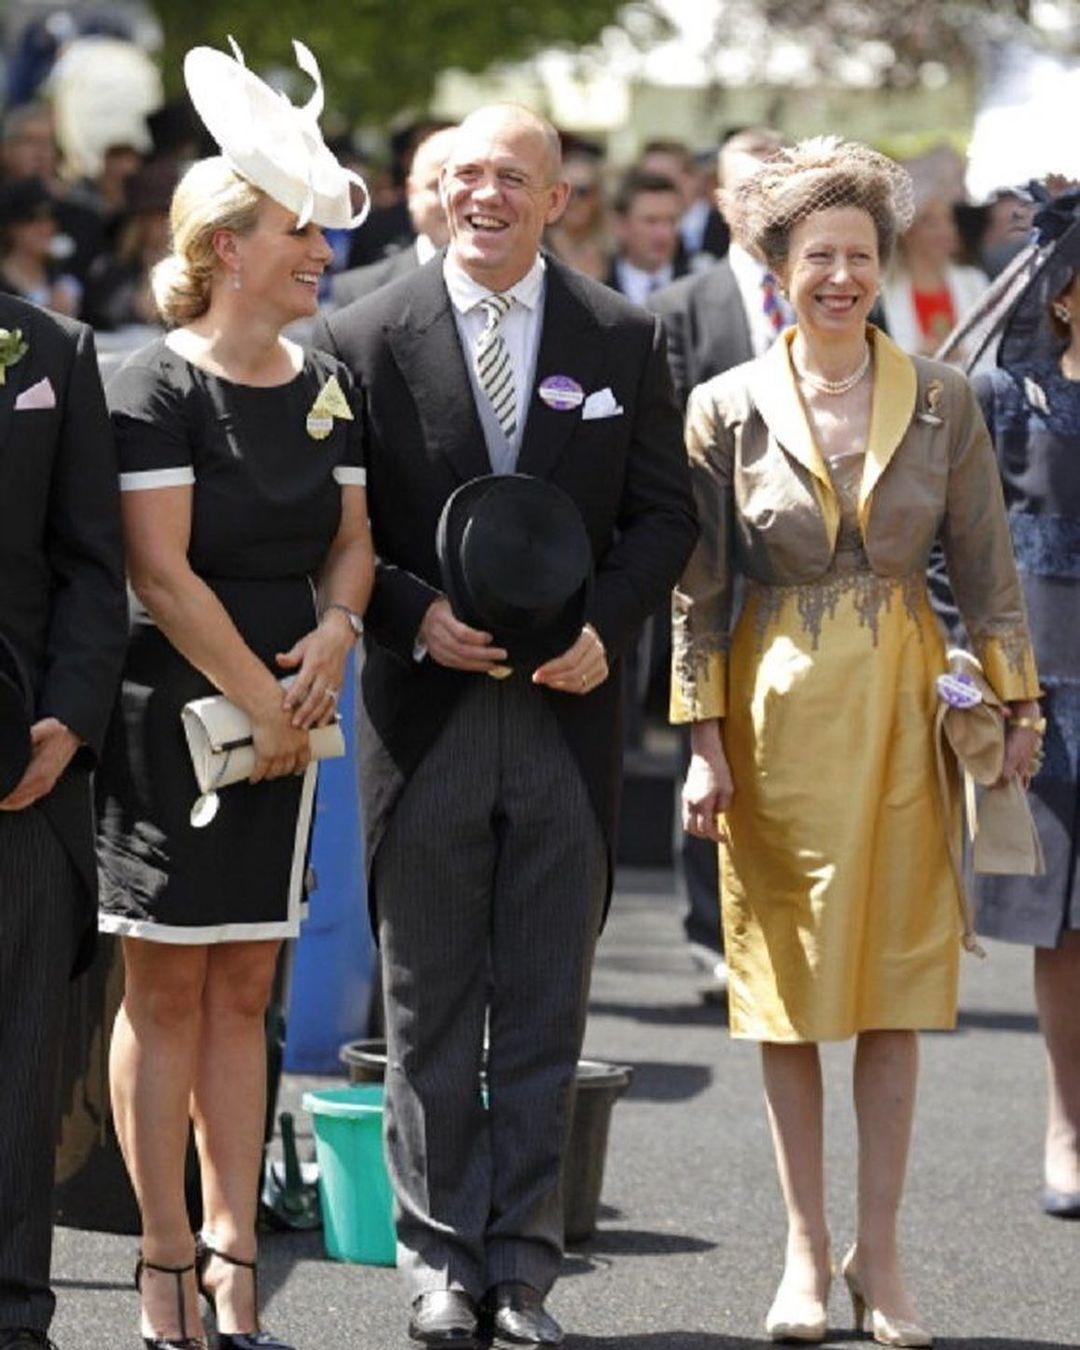 زارا تيندال وزوجها مايك مع والدتها الأميرة آن-الصورة من أنستغرام